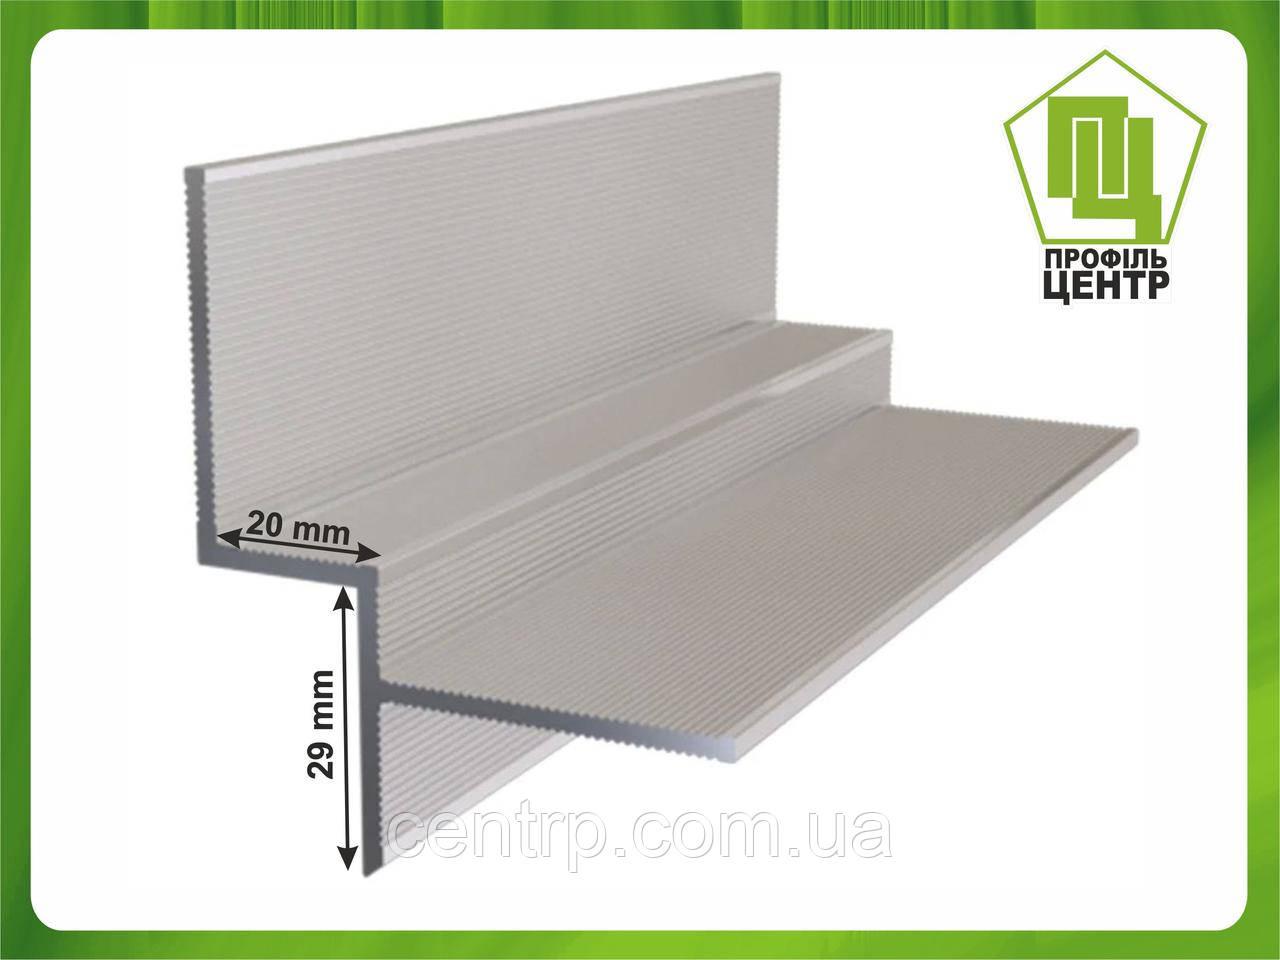 Алюминиевый профиль теневого шва 20 мм